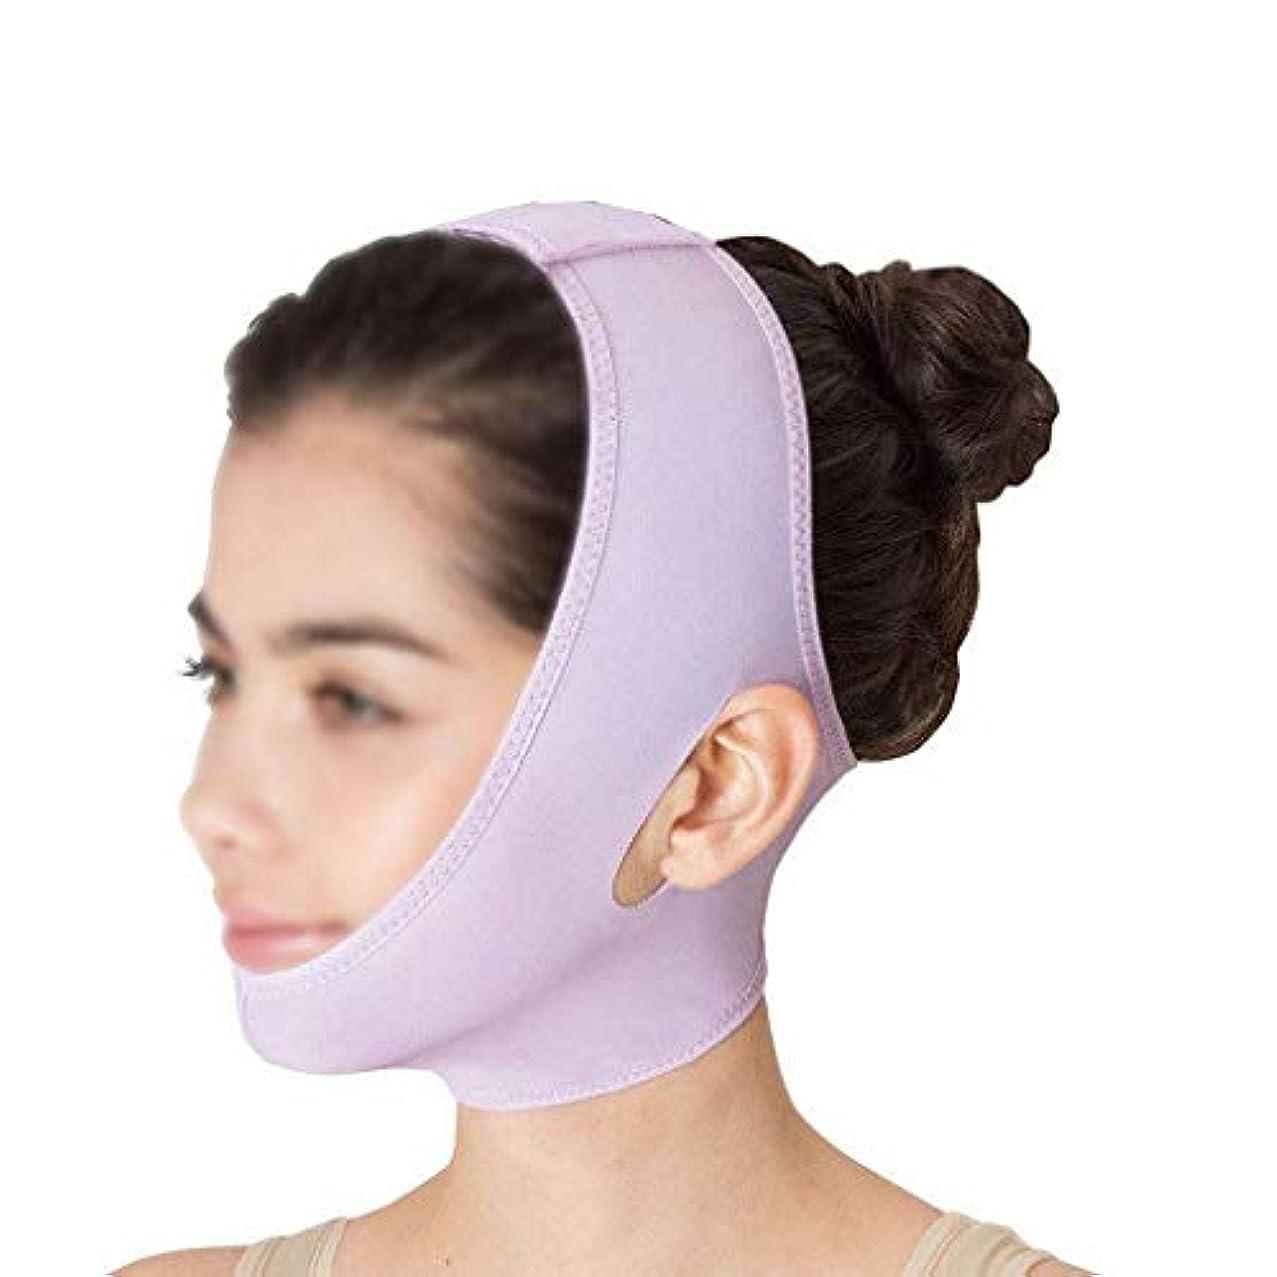 中止しますピストル二年生薄いフェイスマスク ビームフェイス、薄いダブルチンでスリーピングマスクの下の頬を防ぎ、小さなVフェイスを作成